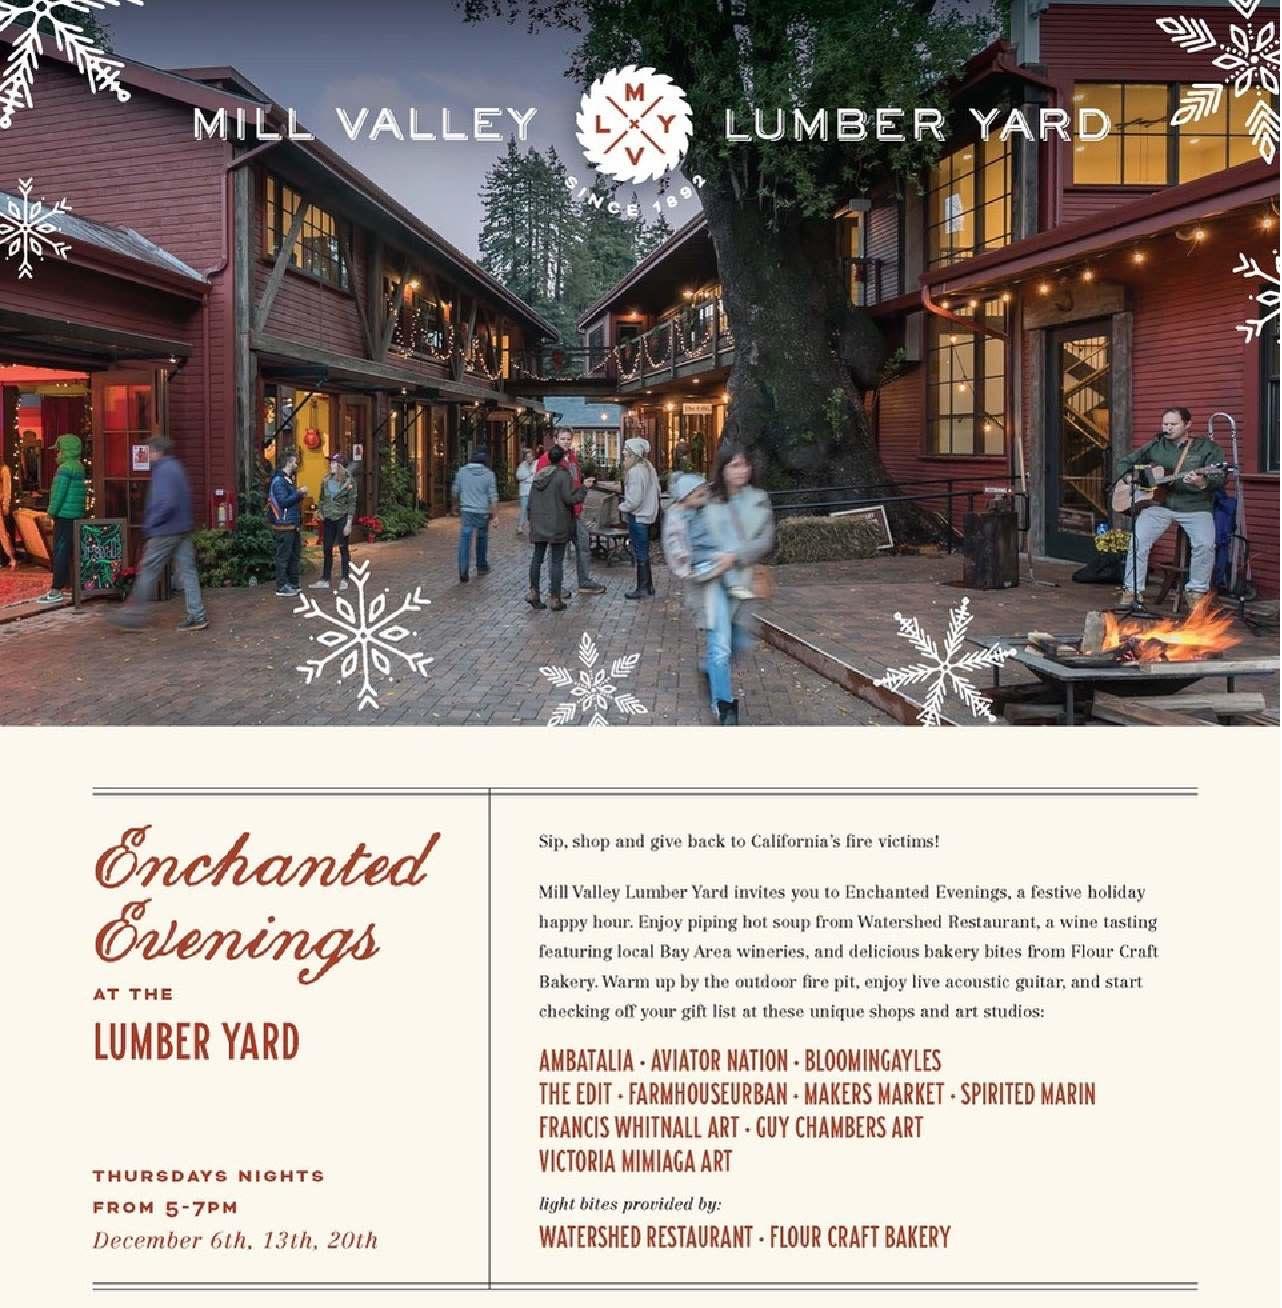 Mill Valley Lumber Yard Invitation.jpg